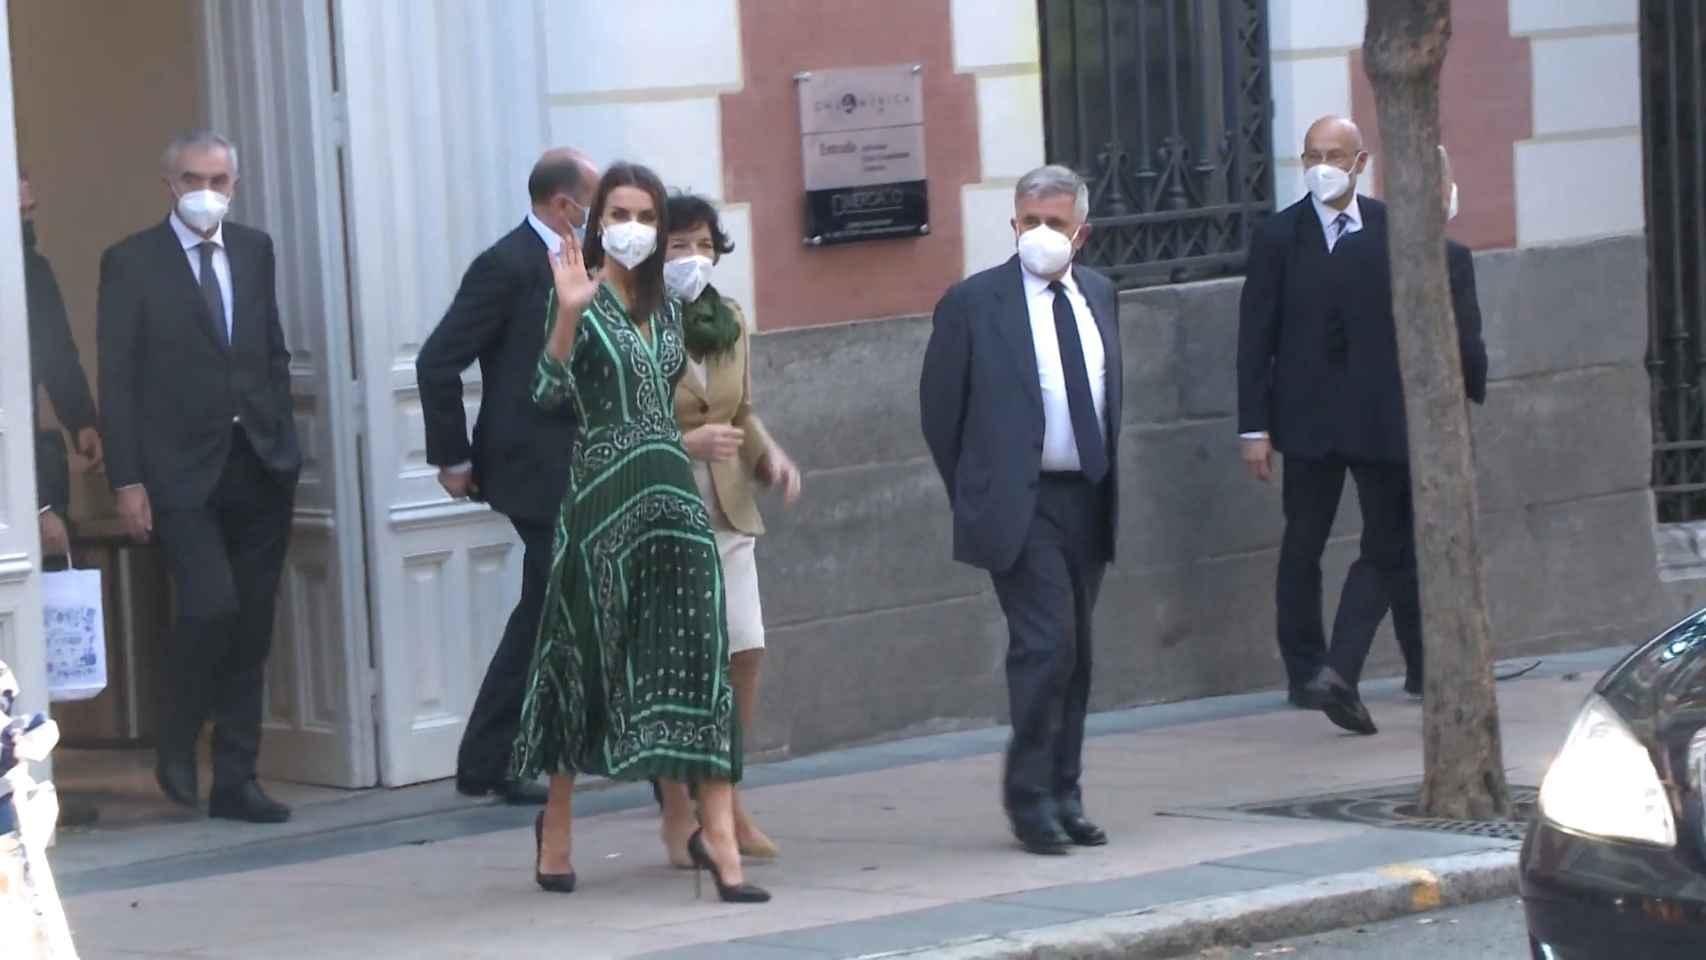 La reina Letizia rescata de su armario uno de sus vestidos favoritos